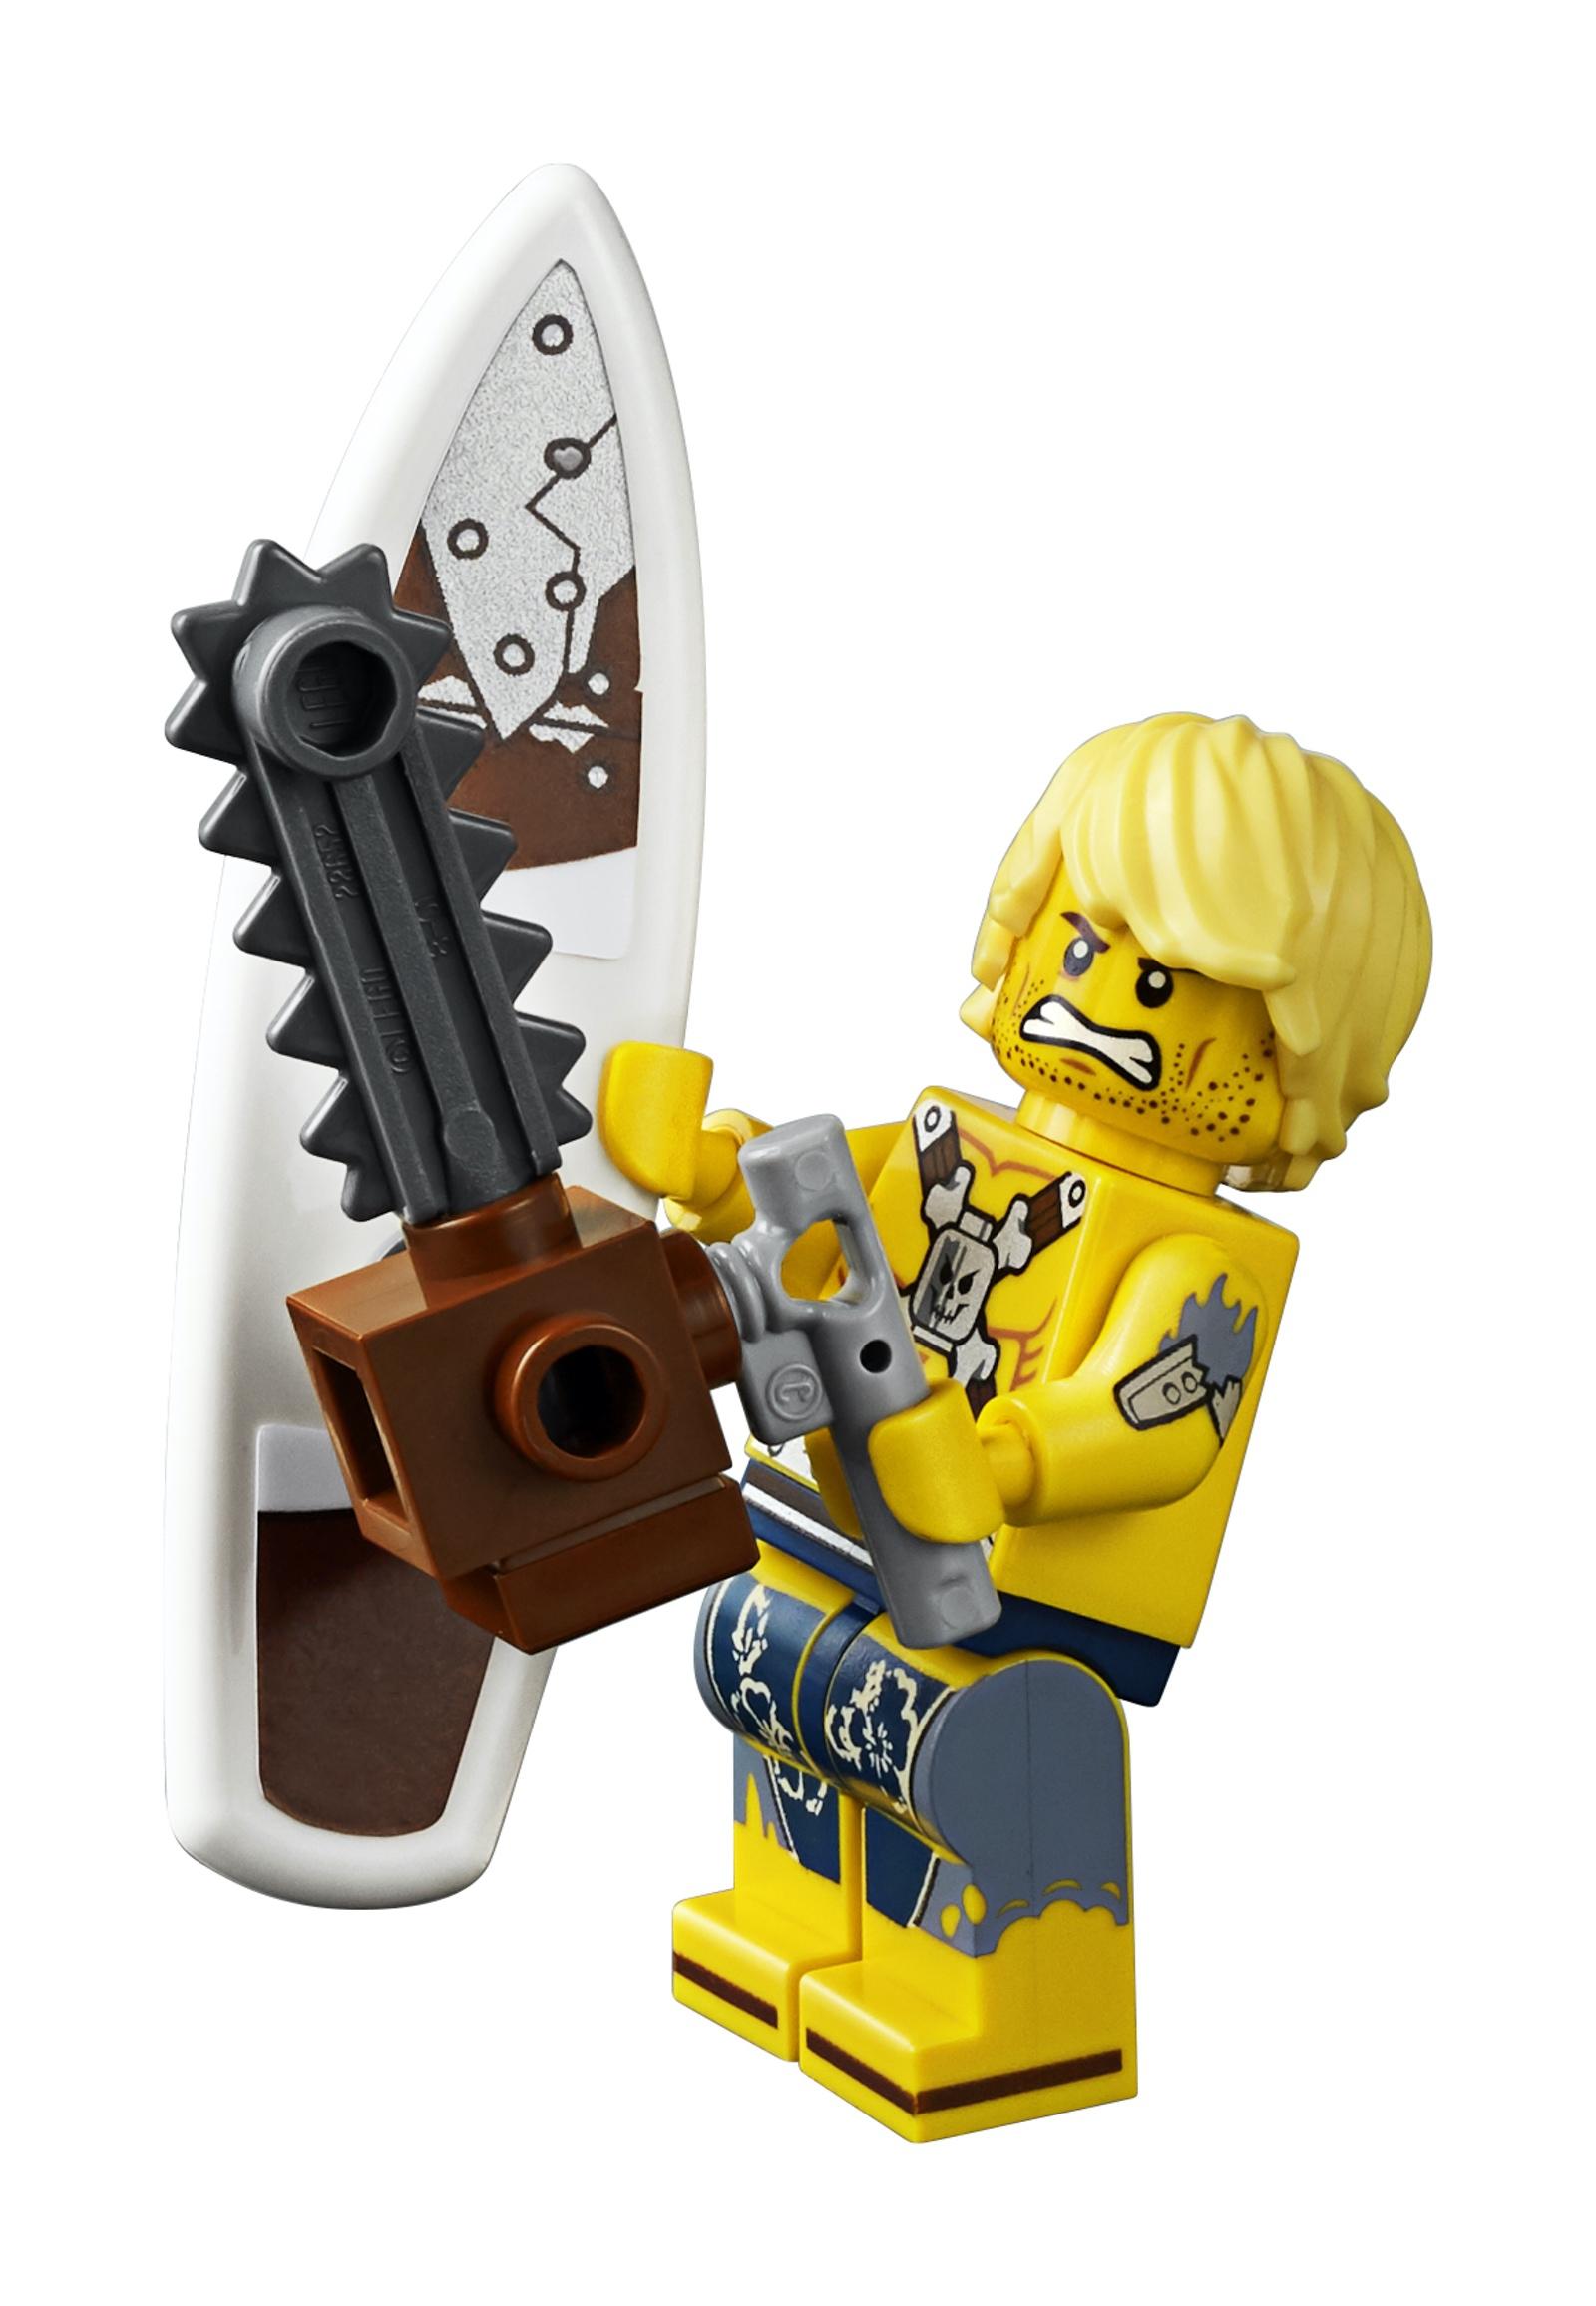 LEGO Movie 2 Set Takes You to Apocalypseburg